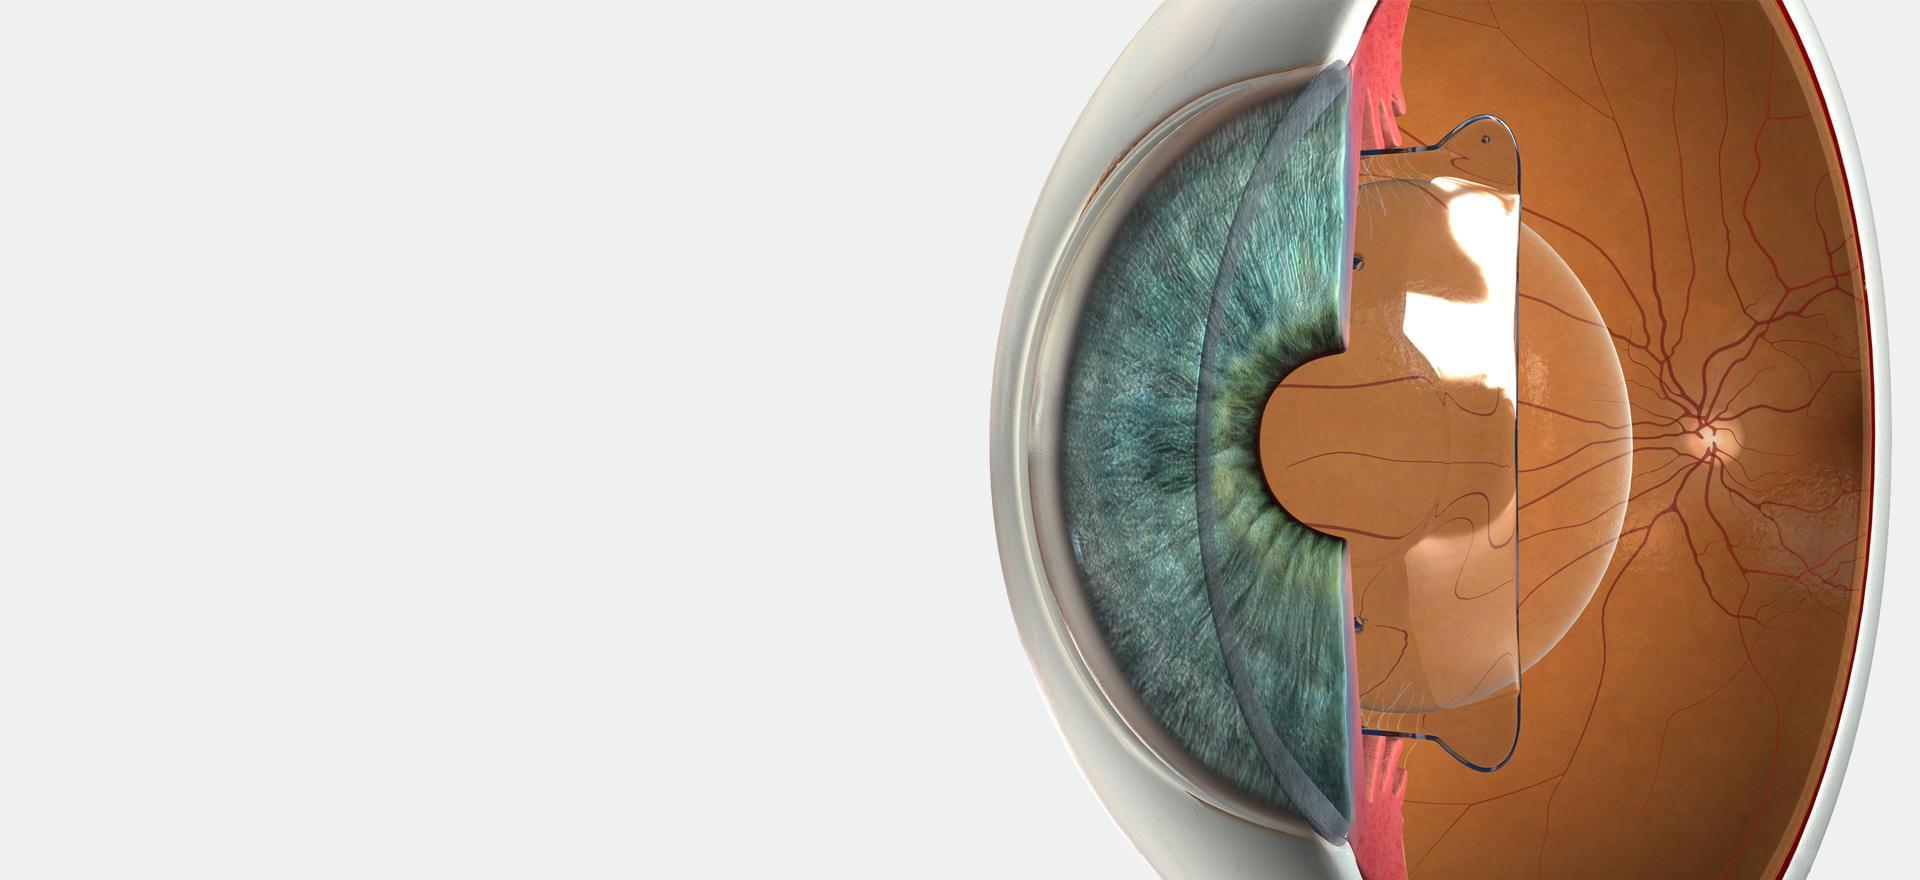 Zusatzlinse (PIOL) - Augenlaserzentrum VS-Villingen